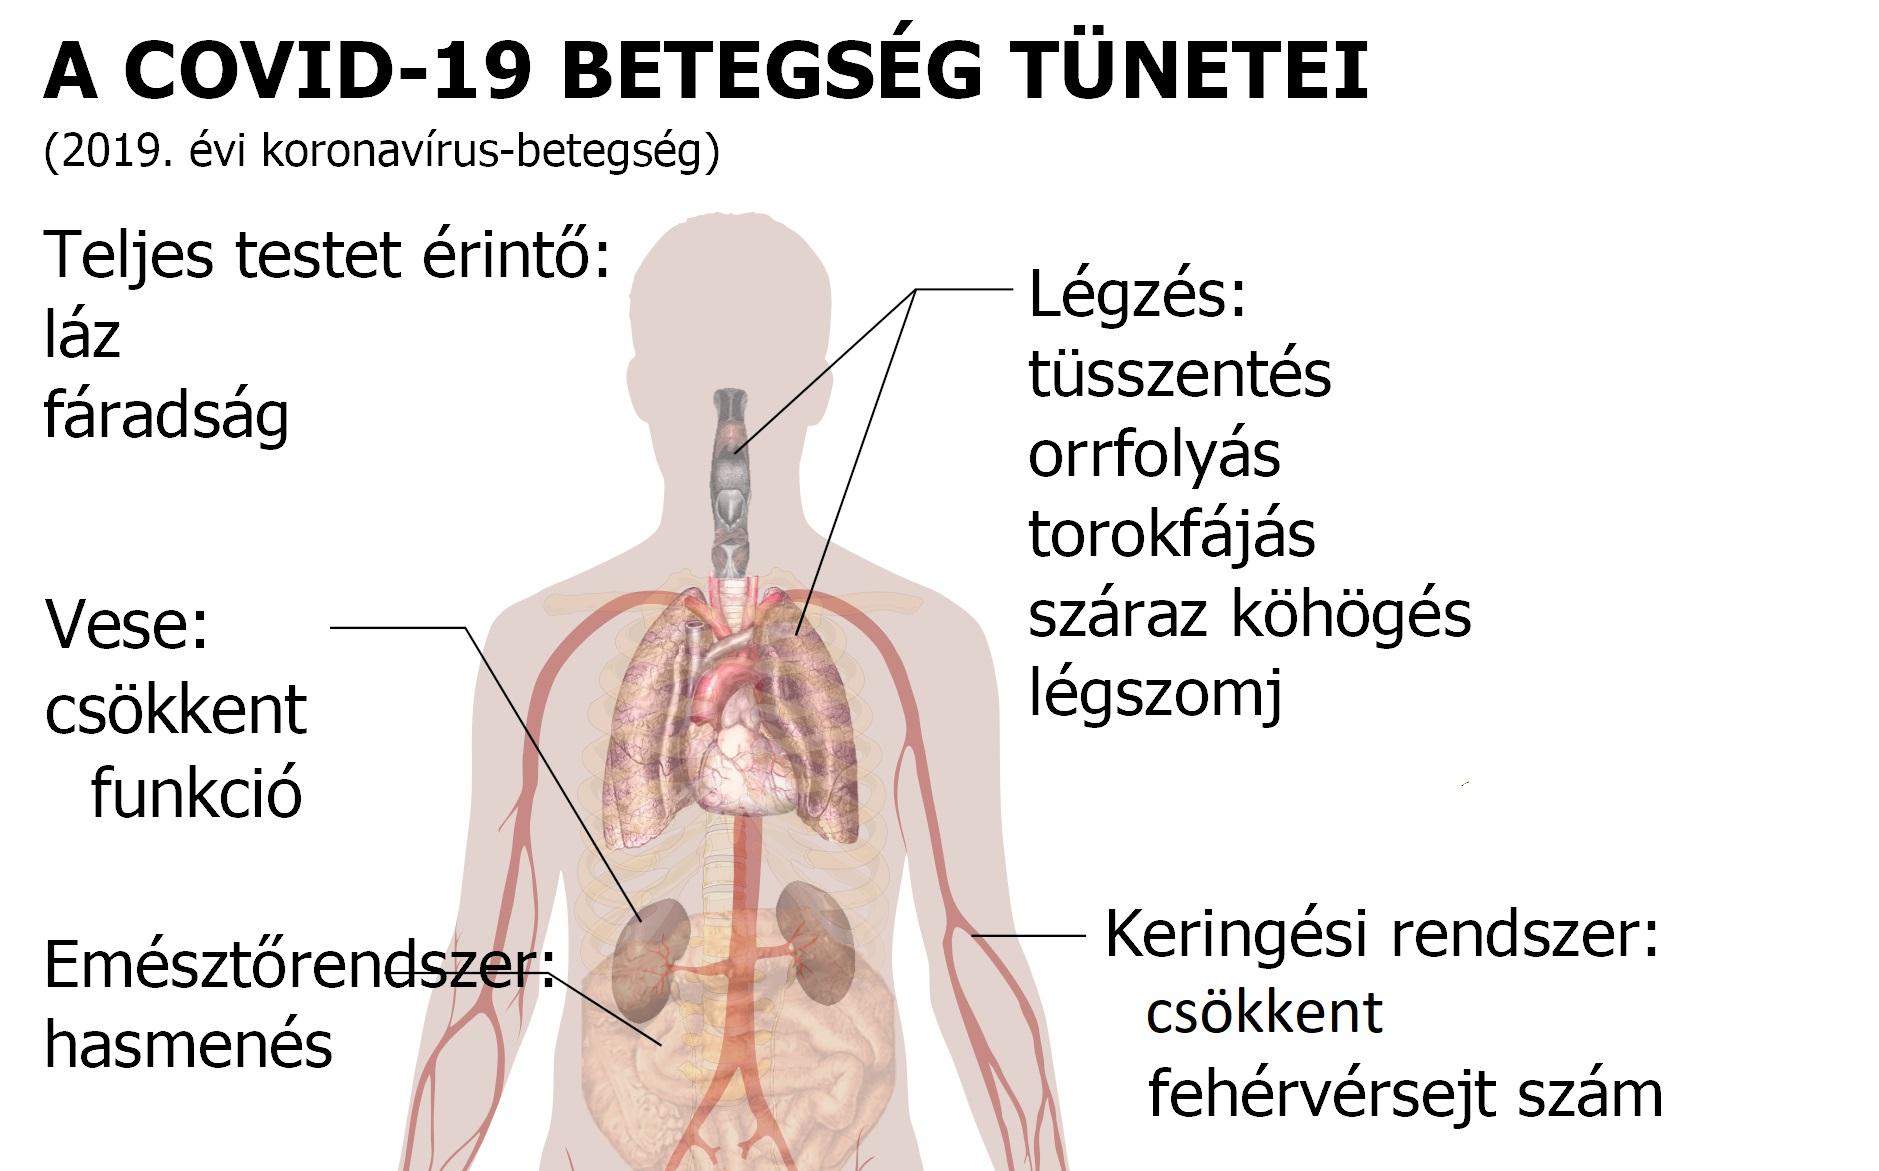 Cn enterobiosis. Viszkető nemi szervek